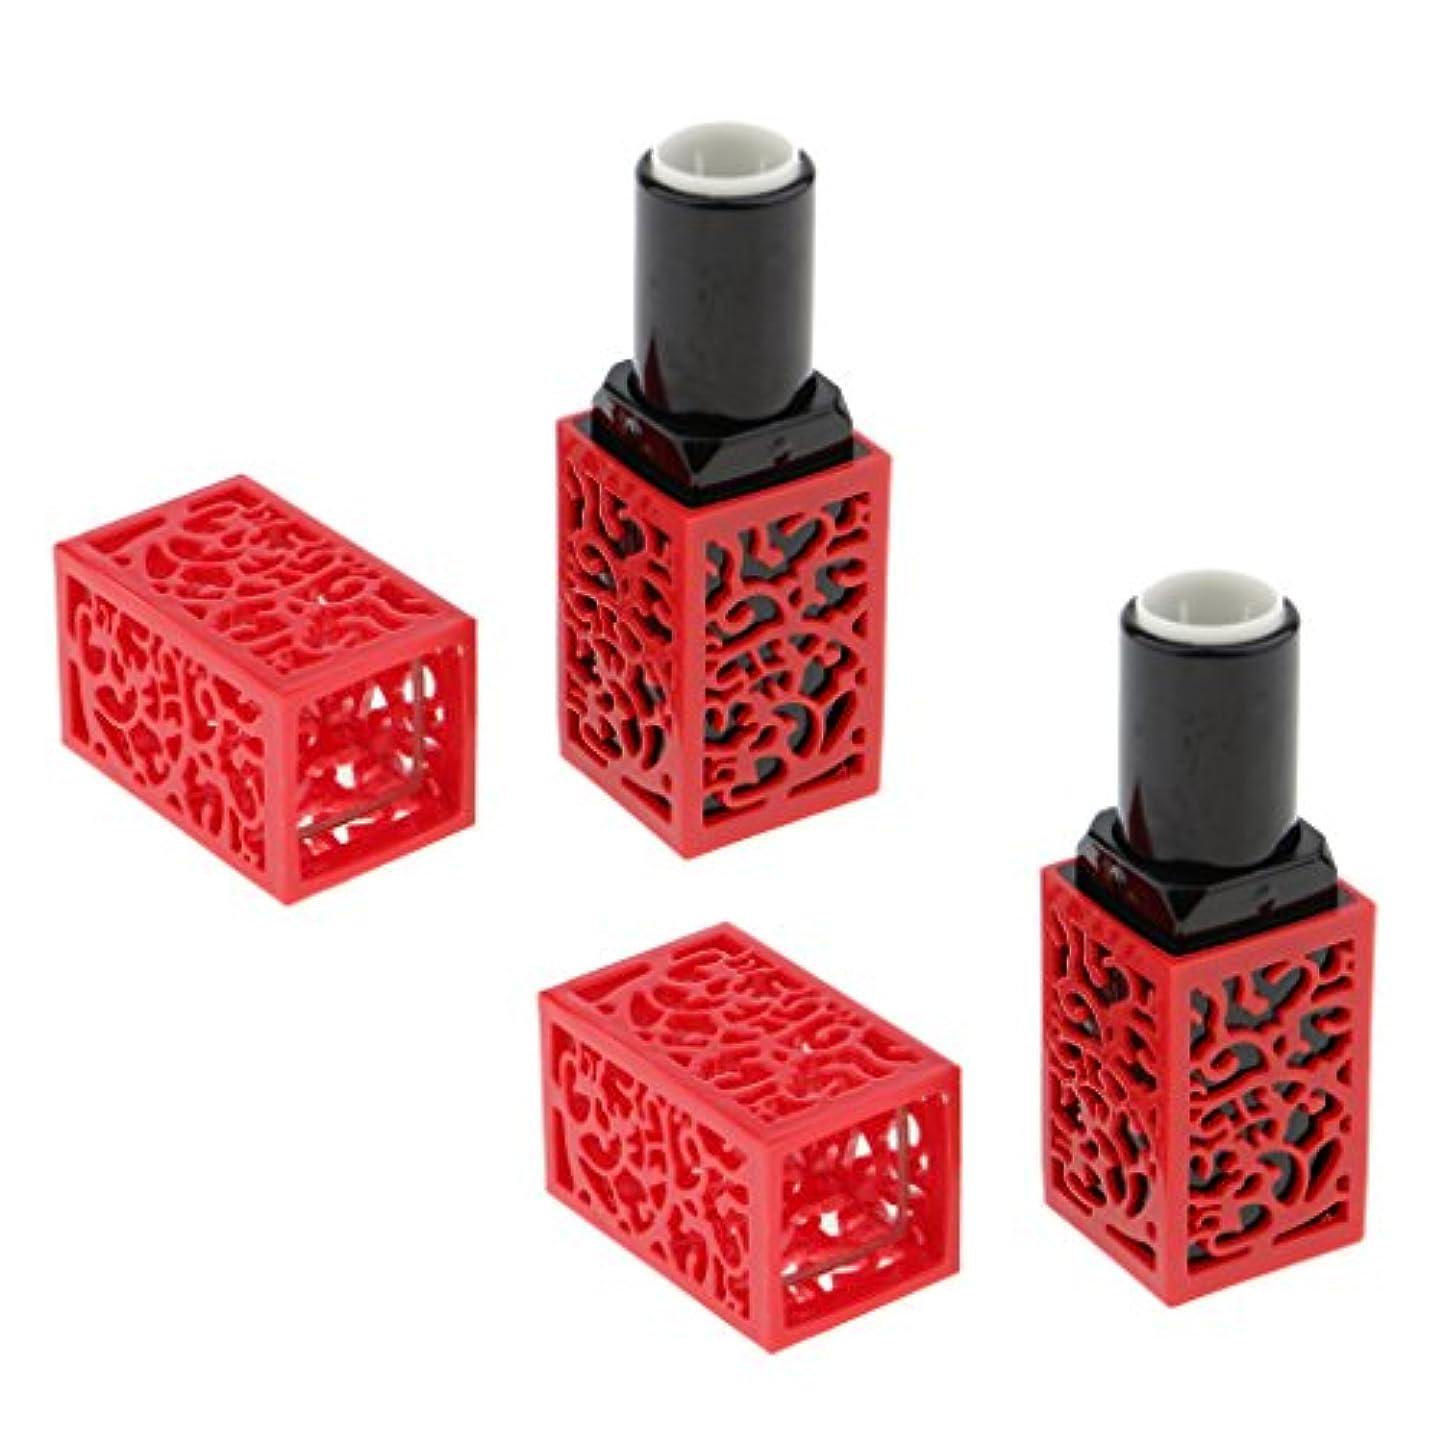 若い運河緊張Sharplace おしゃれ 口紅チューブ リップスティックチューブ 内径1.21cm 金型 手作り 2個 全2色 - 赤